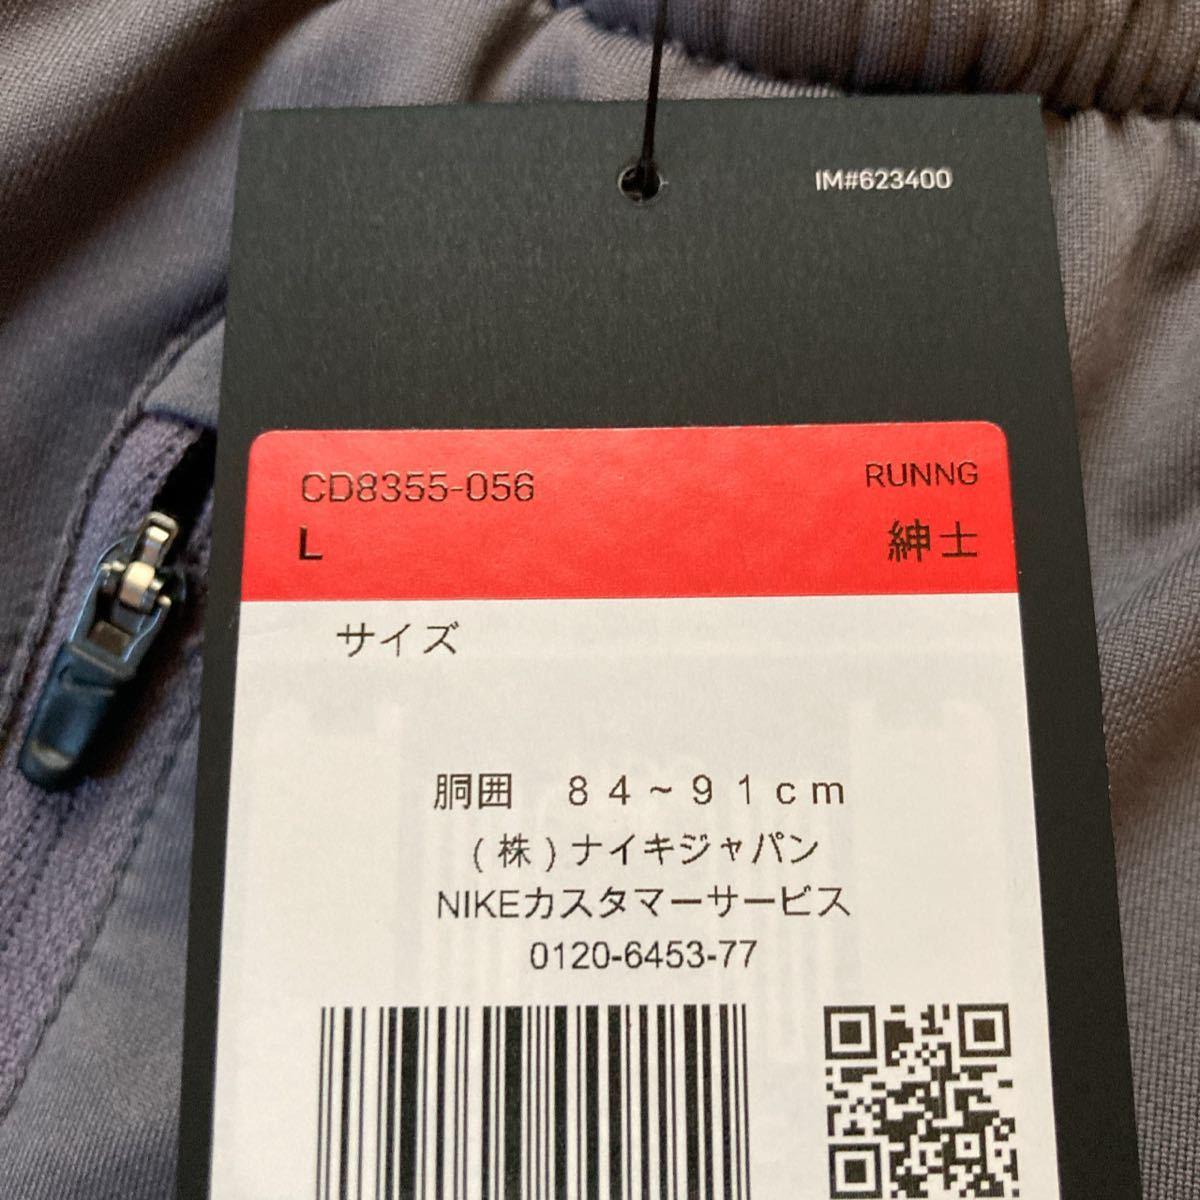 NIKE ナイキ エッセンシャルニットパンツ グレー メンズL 定価7700円